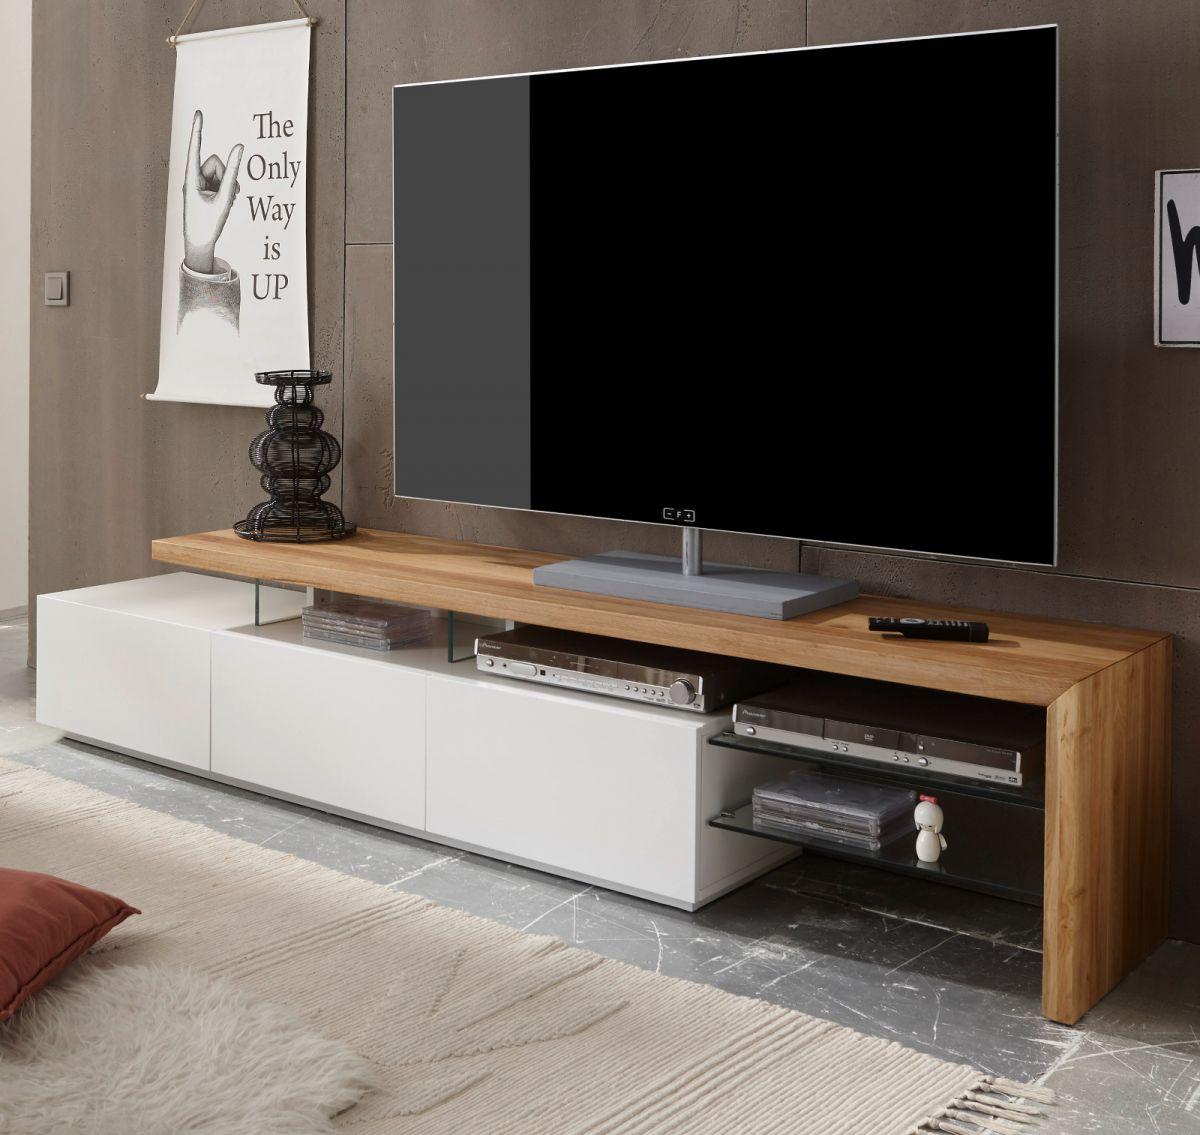 TV-Lowboard Asteiche massiv und weiss Lack 204 cm